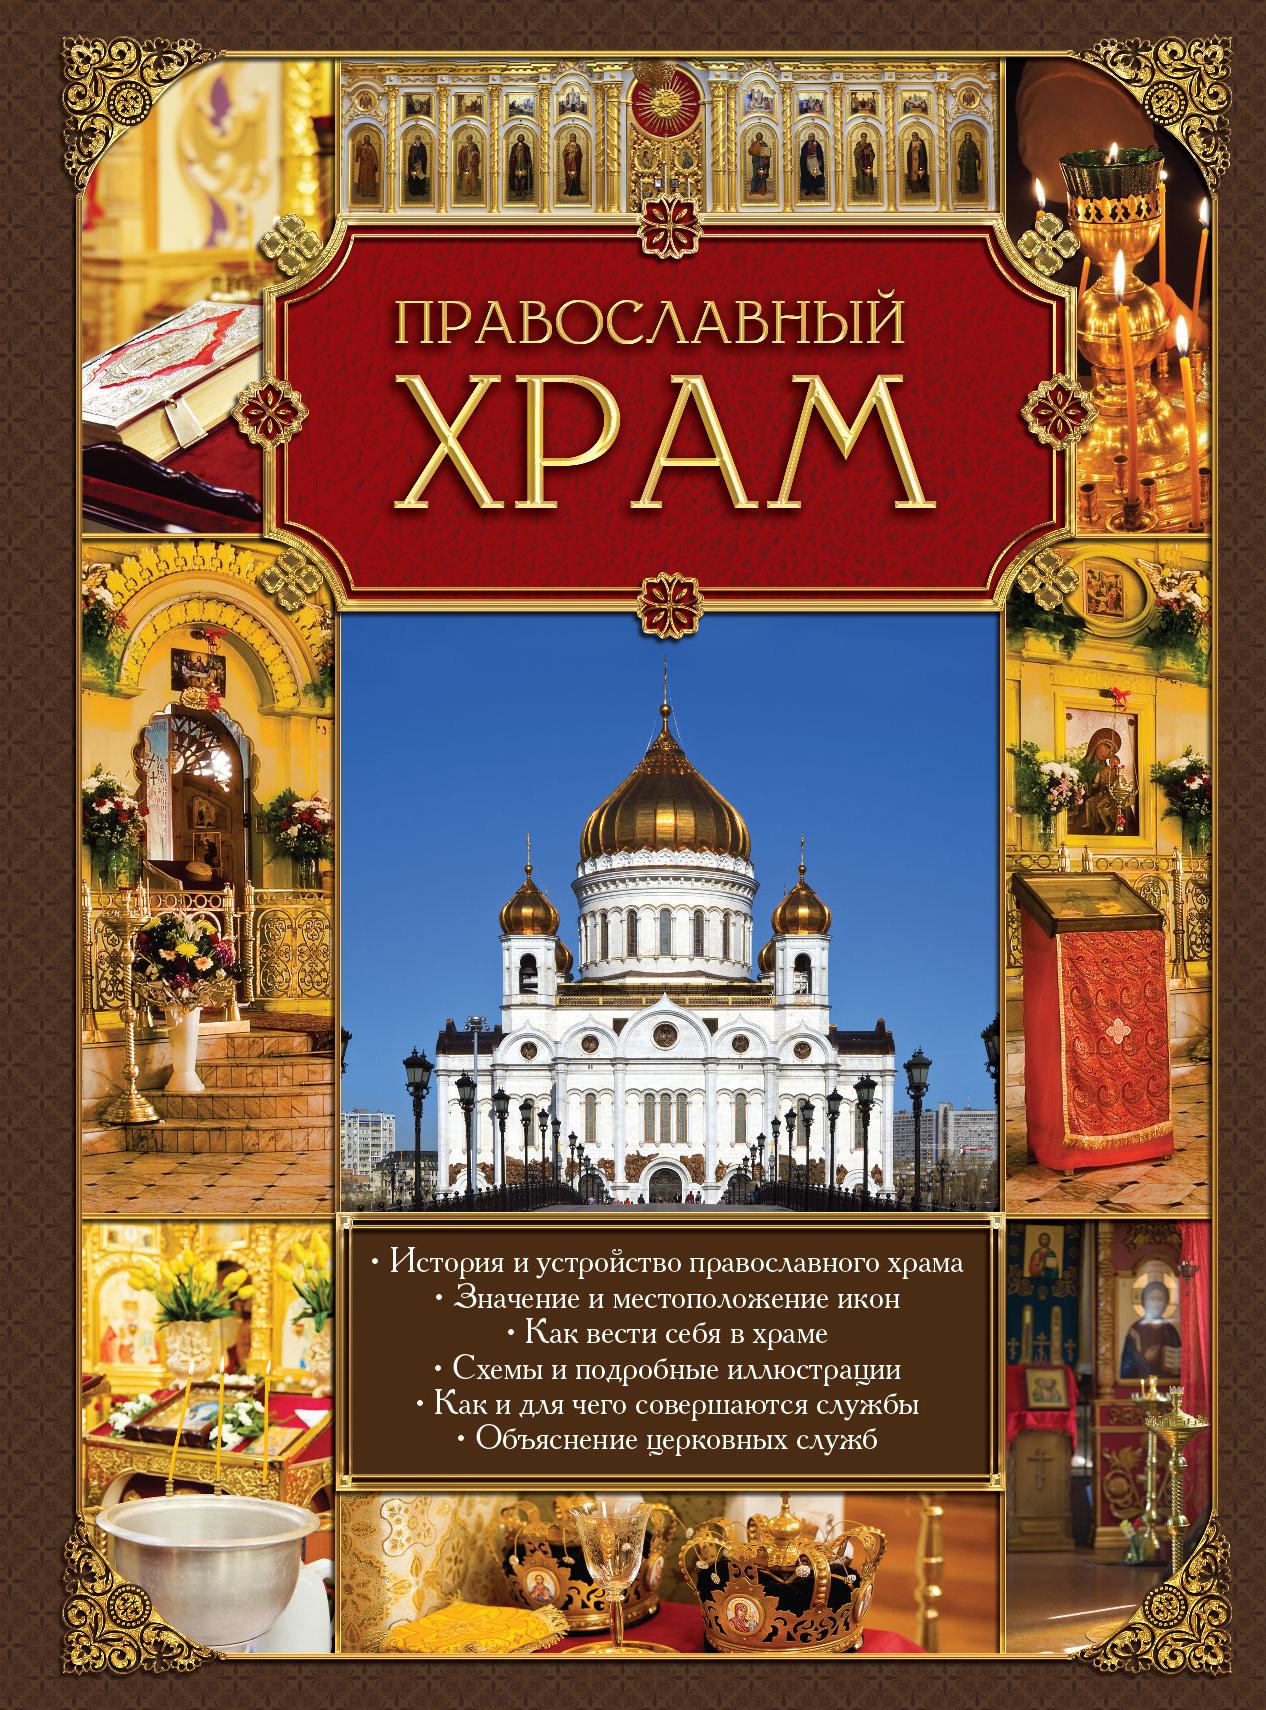 Православный храм айнден р спросите у медиума ответы на ваши часто задаваемые вопросы о духовной жизни